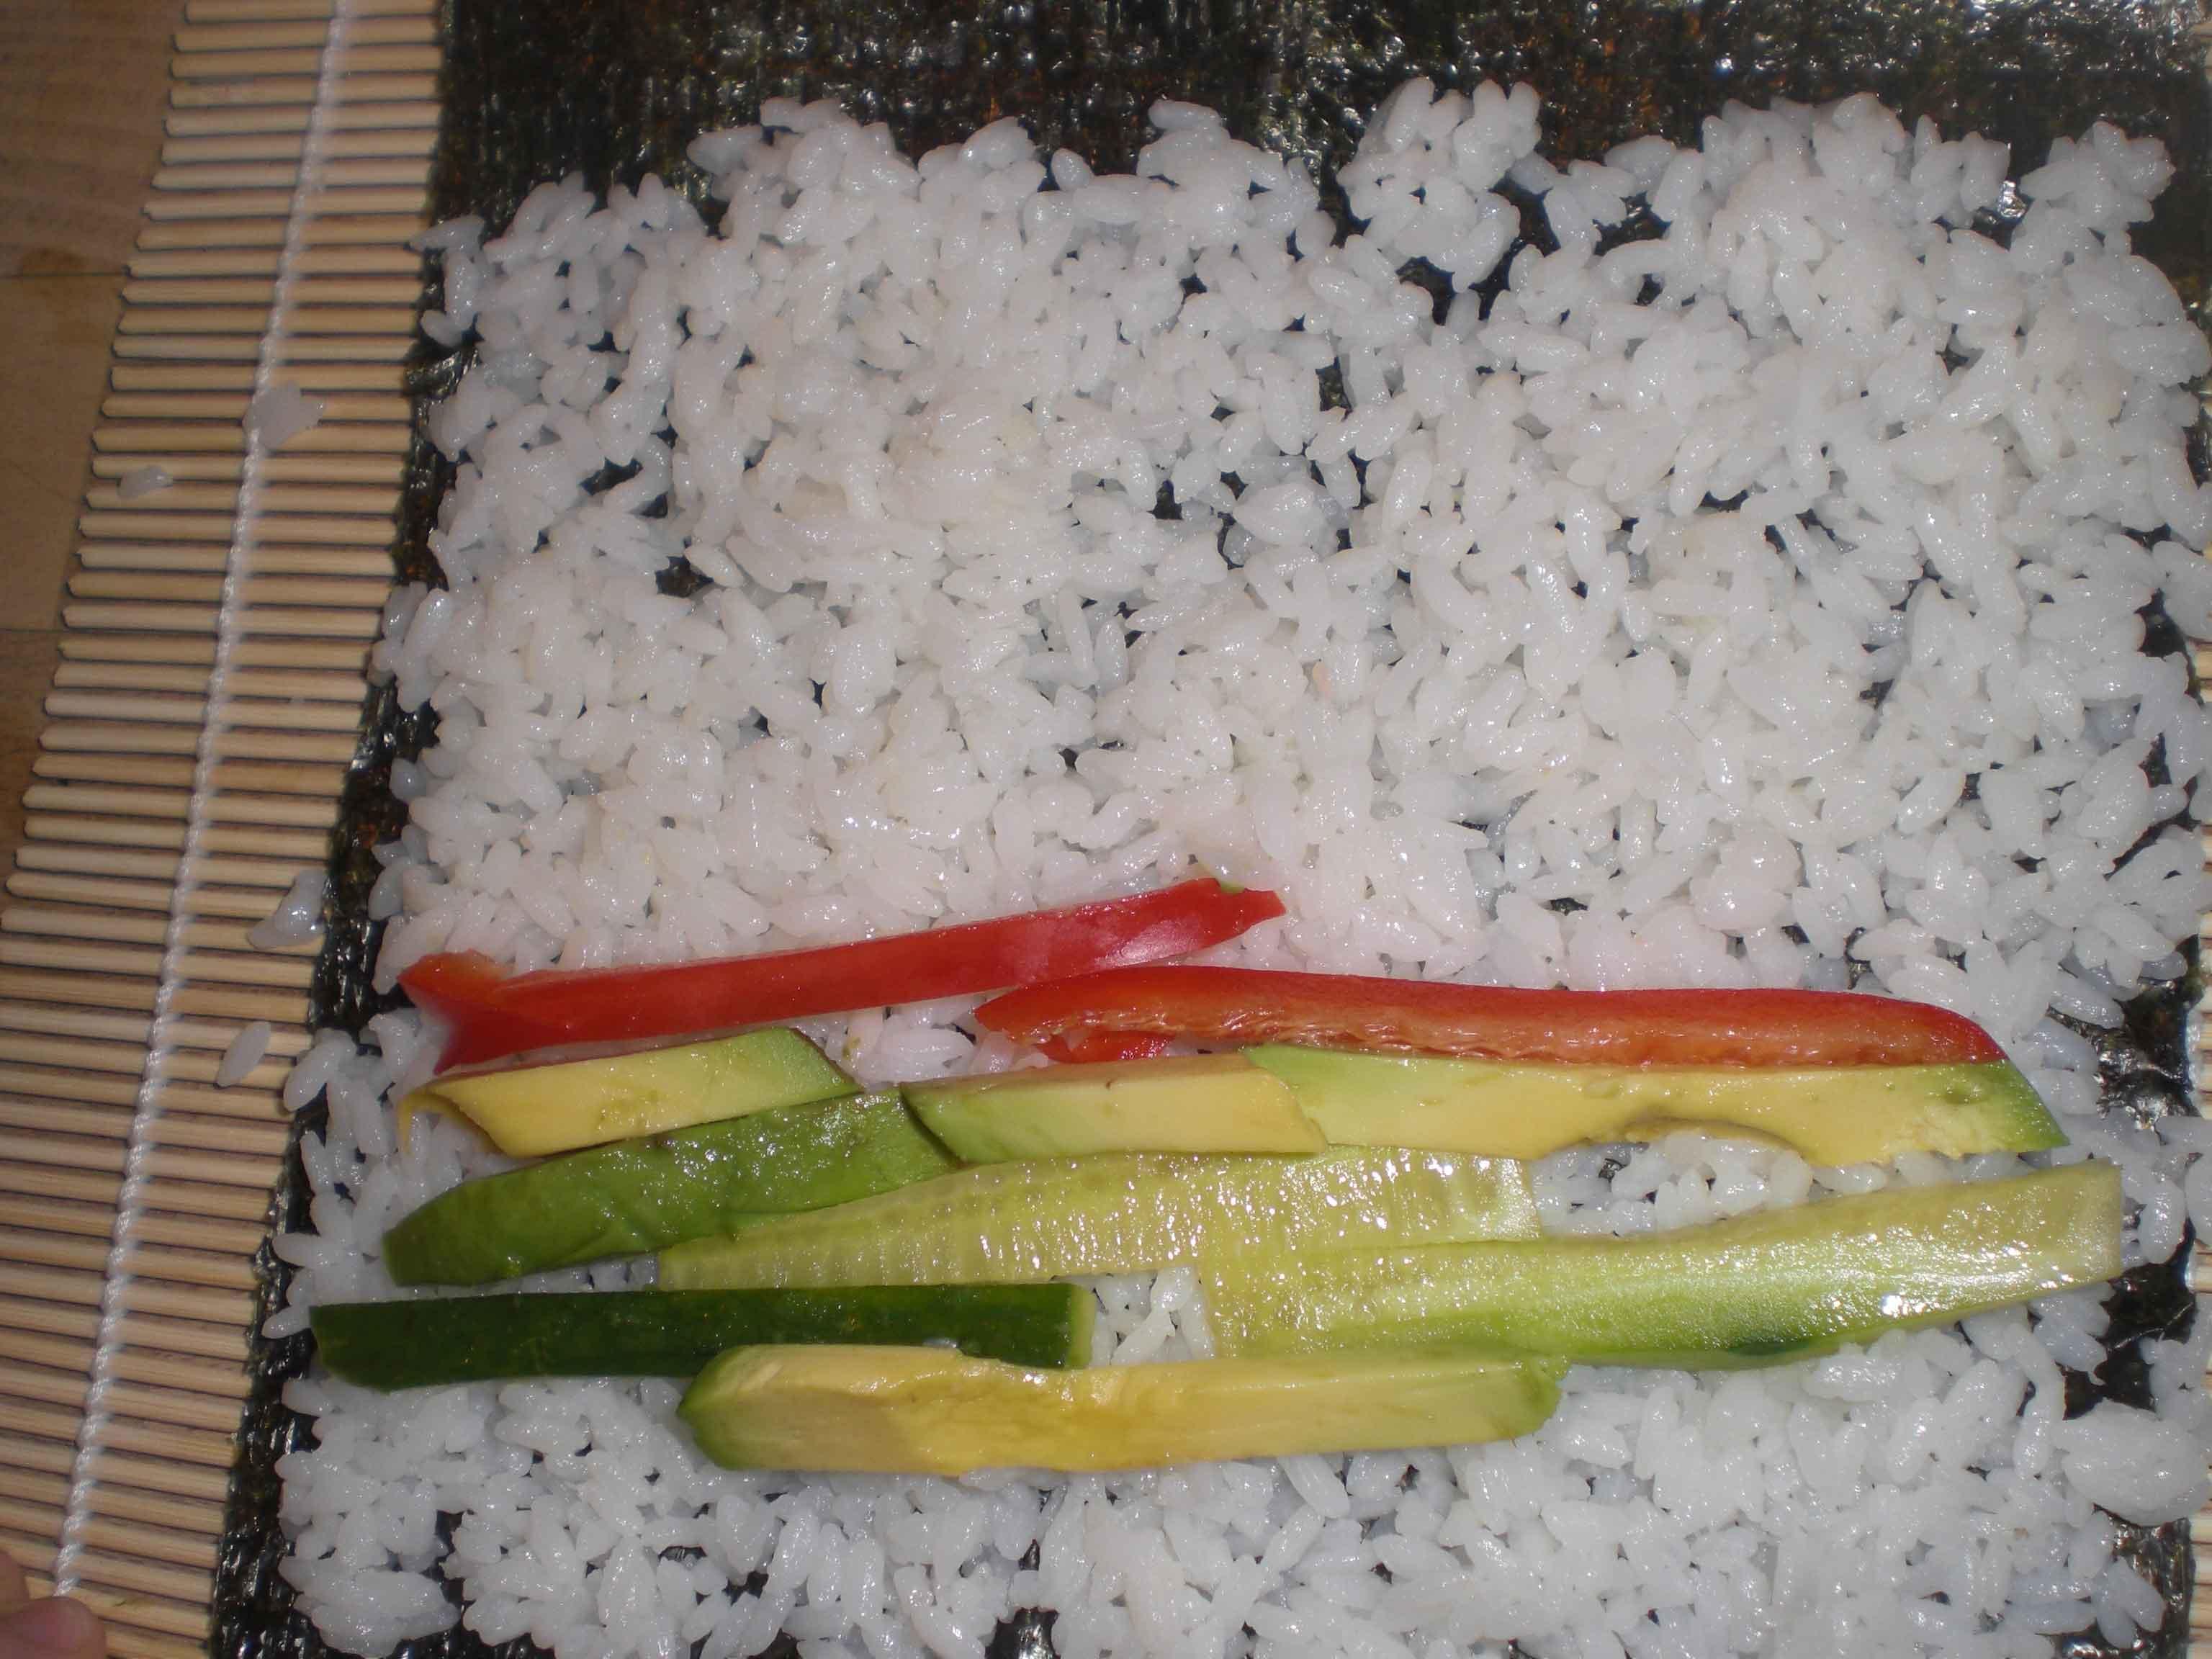 Læg grøntsagsstave på.